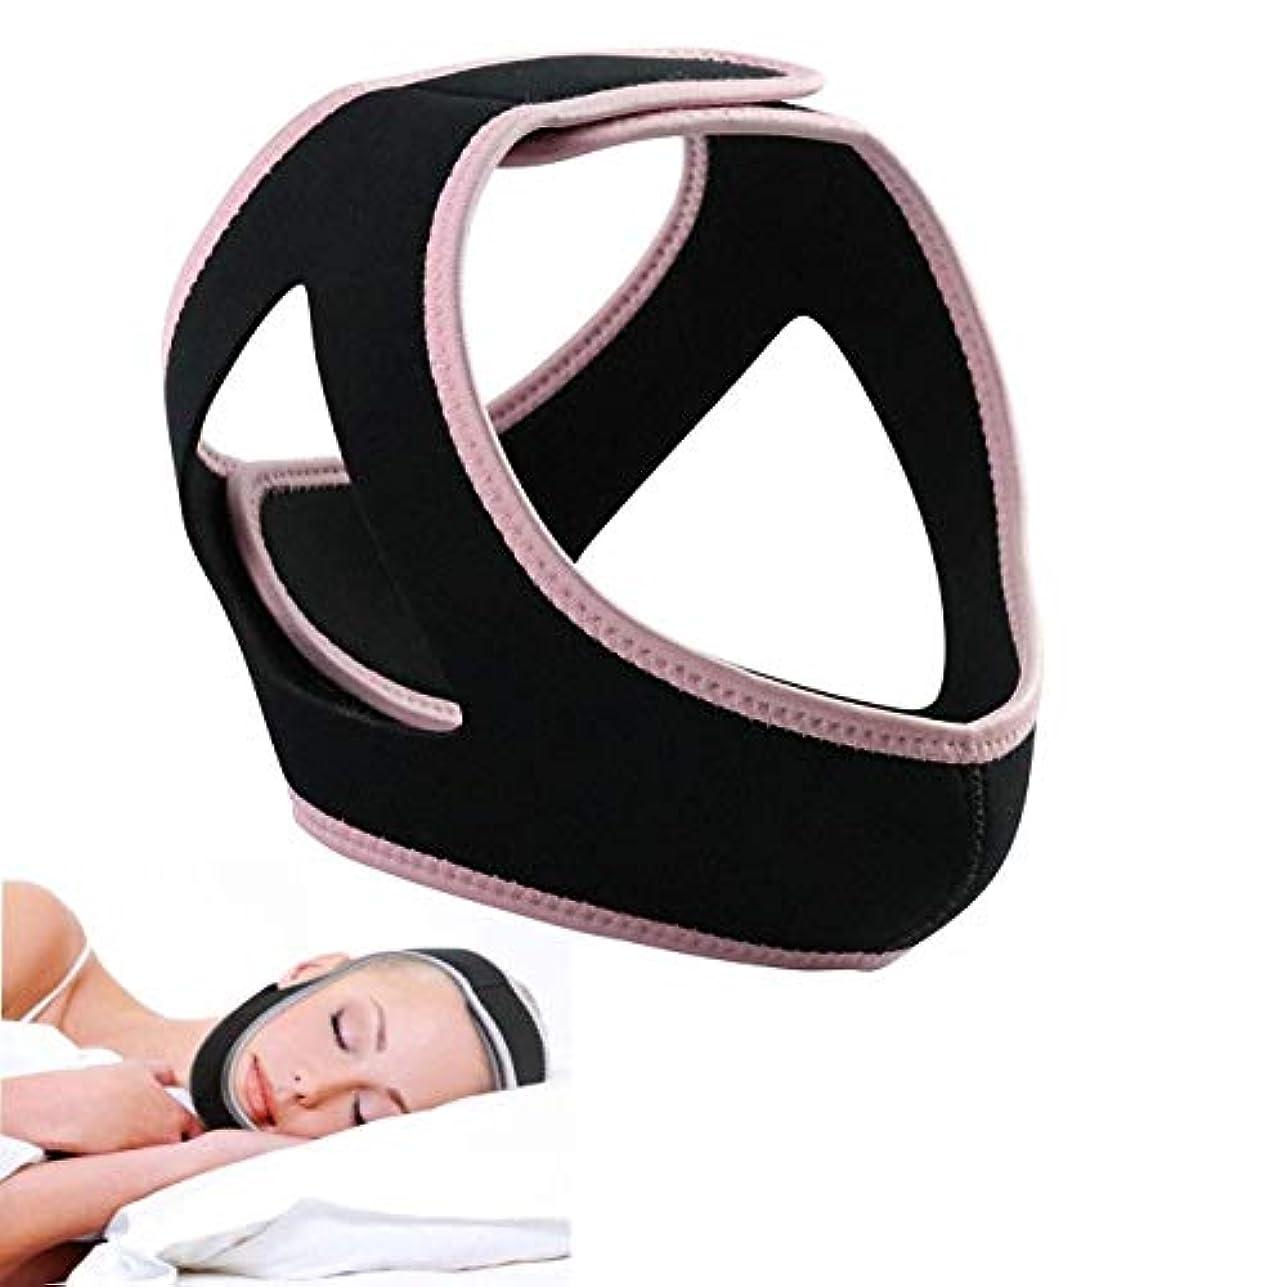 民族主義パッケージ採用する男性と女性は、自然な睡眠の呼吸防止のあごベルトをなだめて、鼻を呼吸します